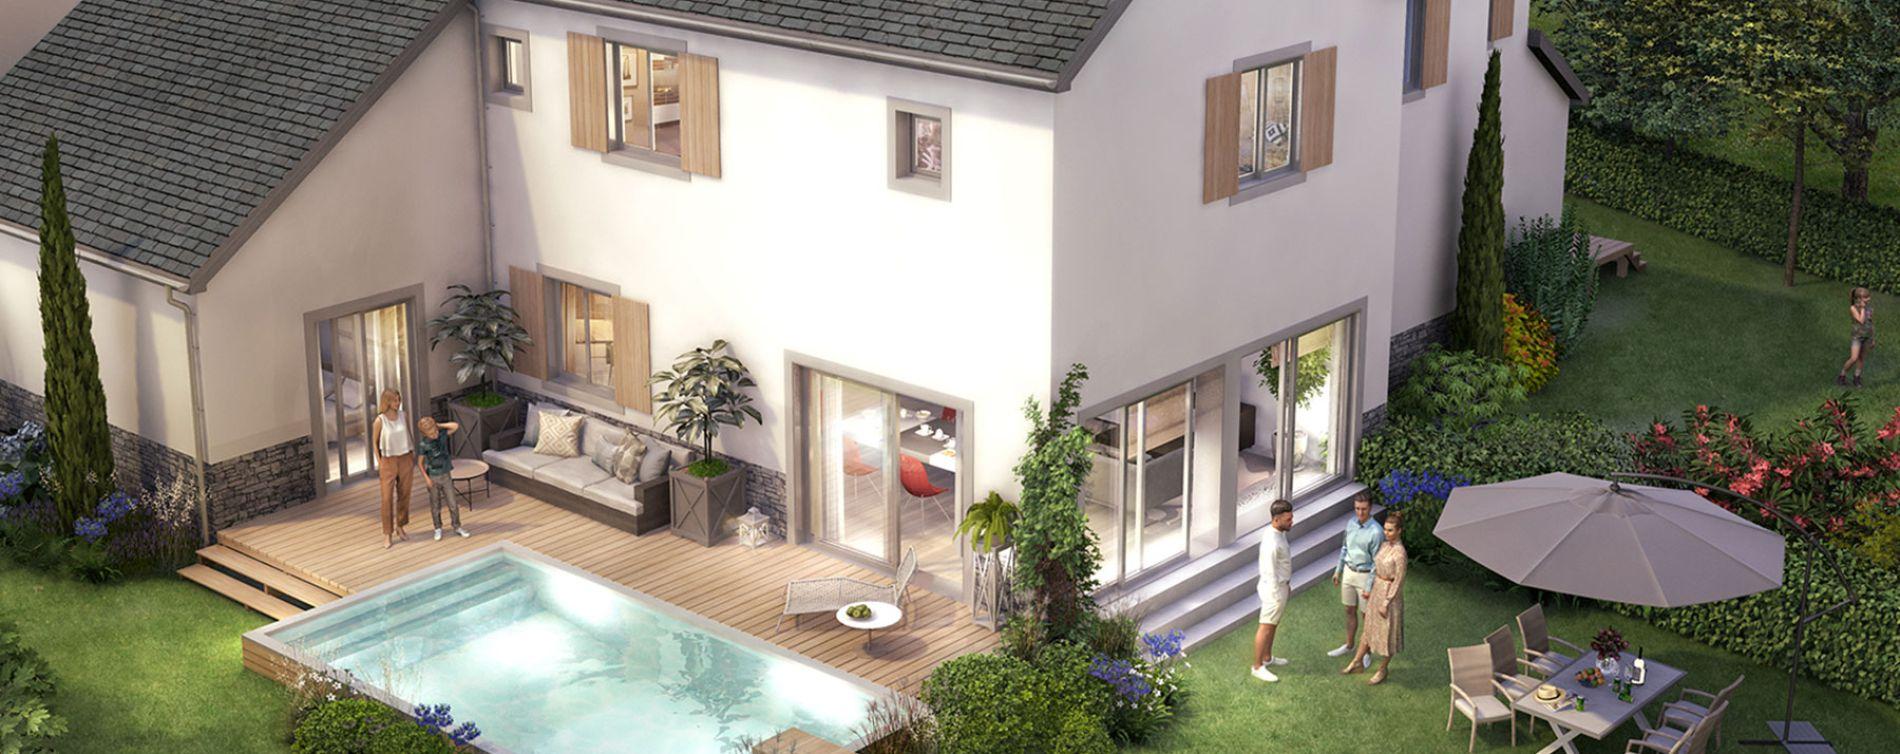 La Baule-Escoublac : programme immobilier neuve « Les Villas des Dunes » (2)